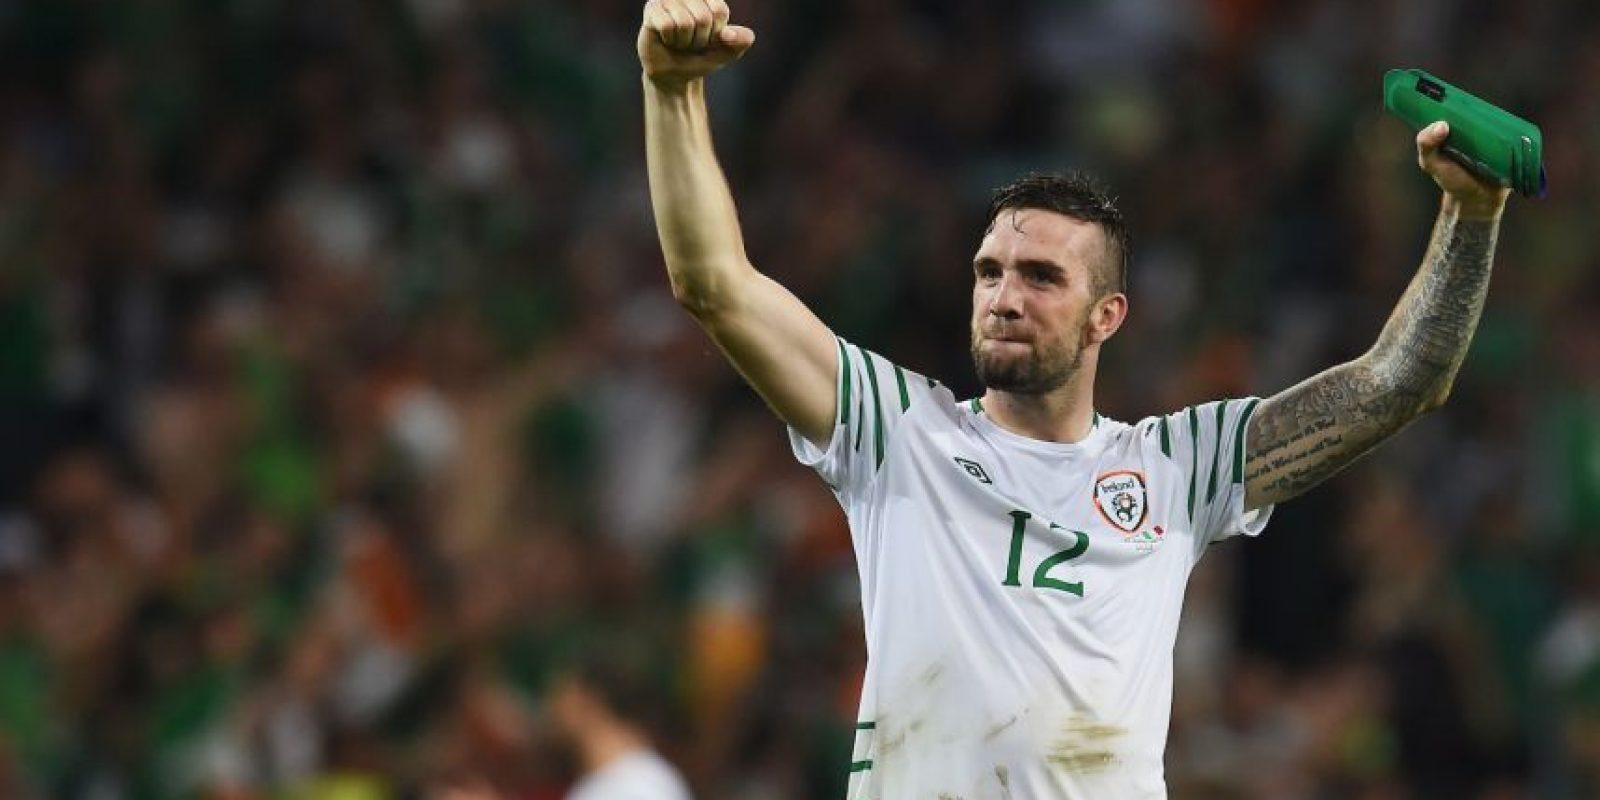 Irlanda, por su parte, espera protagonizar una de las sorpresas y así dejar fuera a los locales Foto:Getty Images